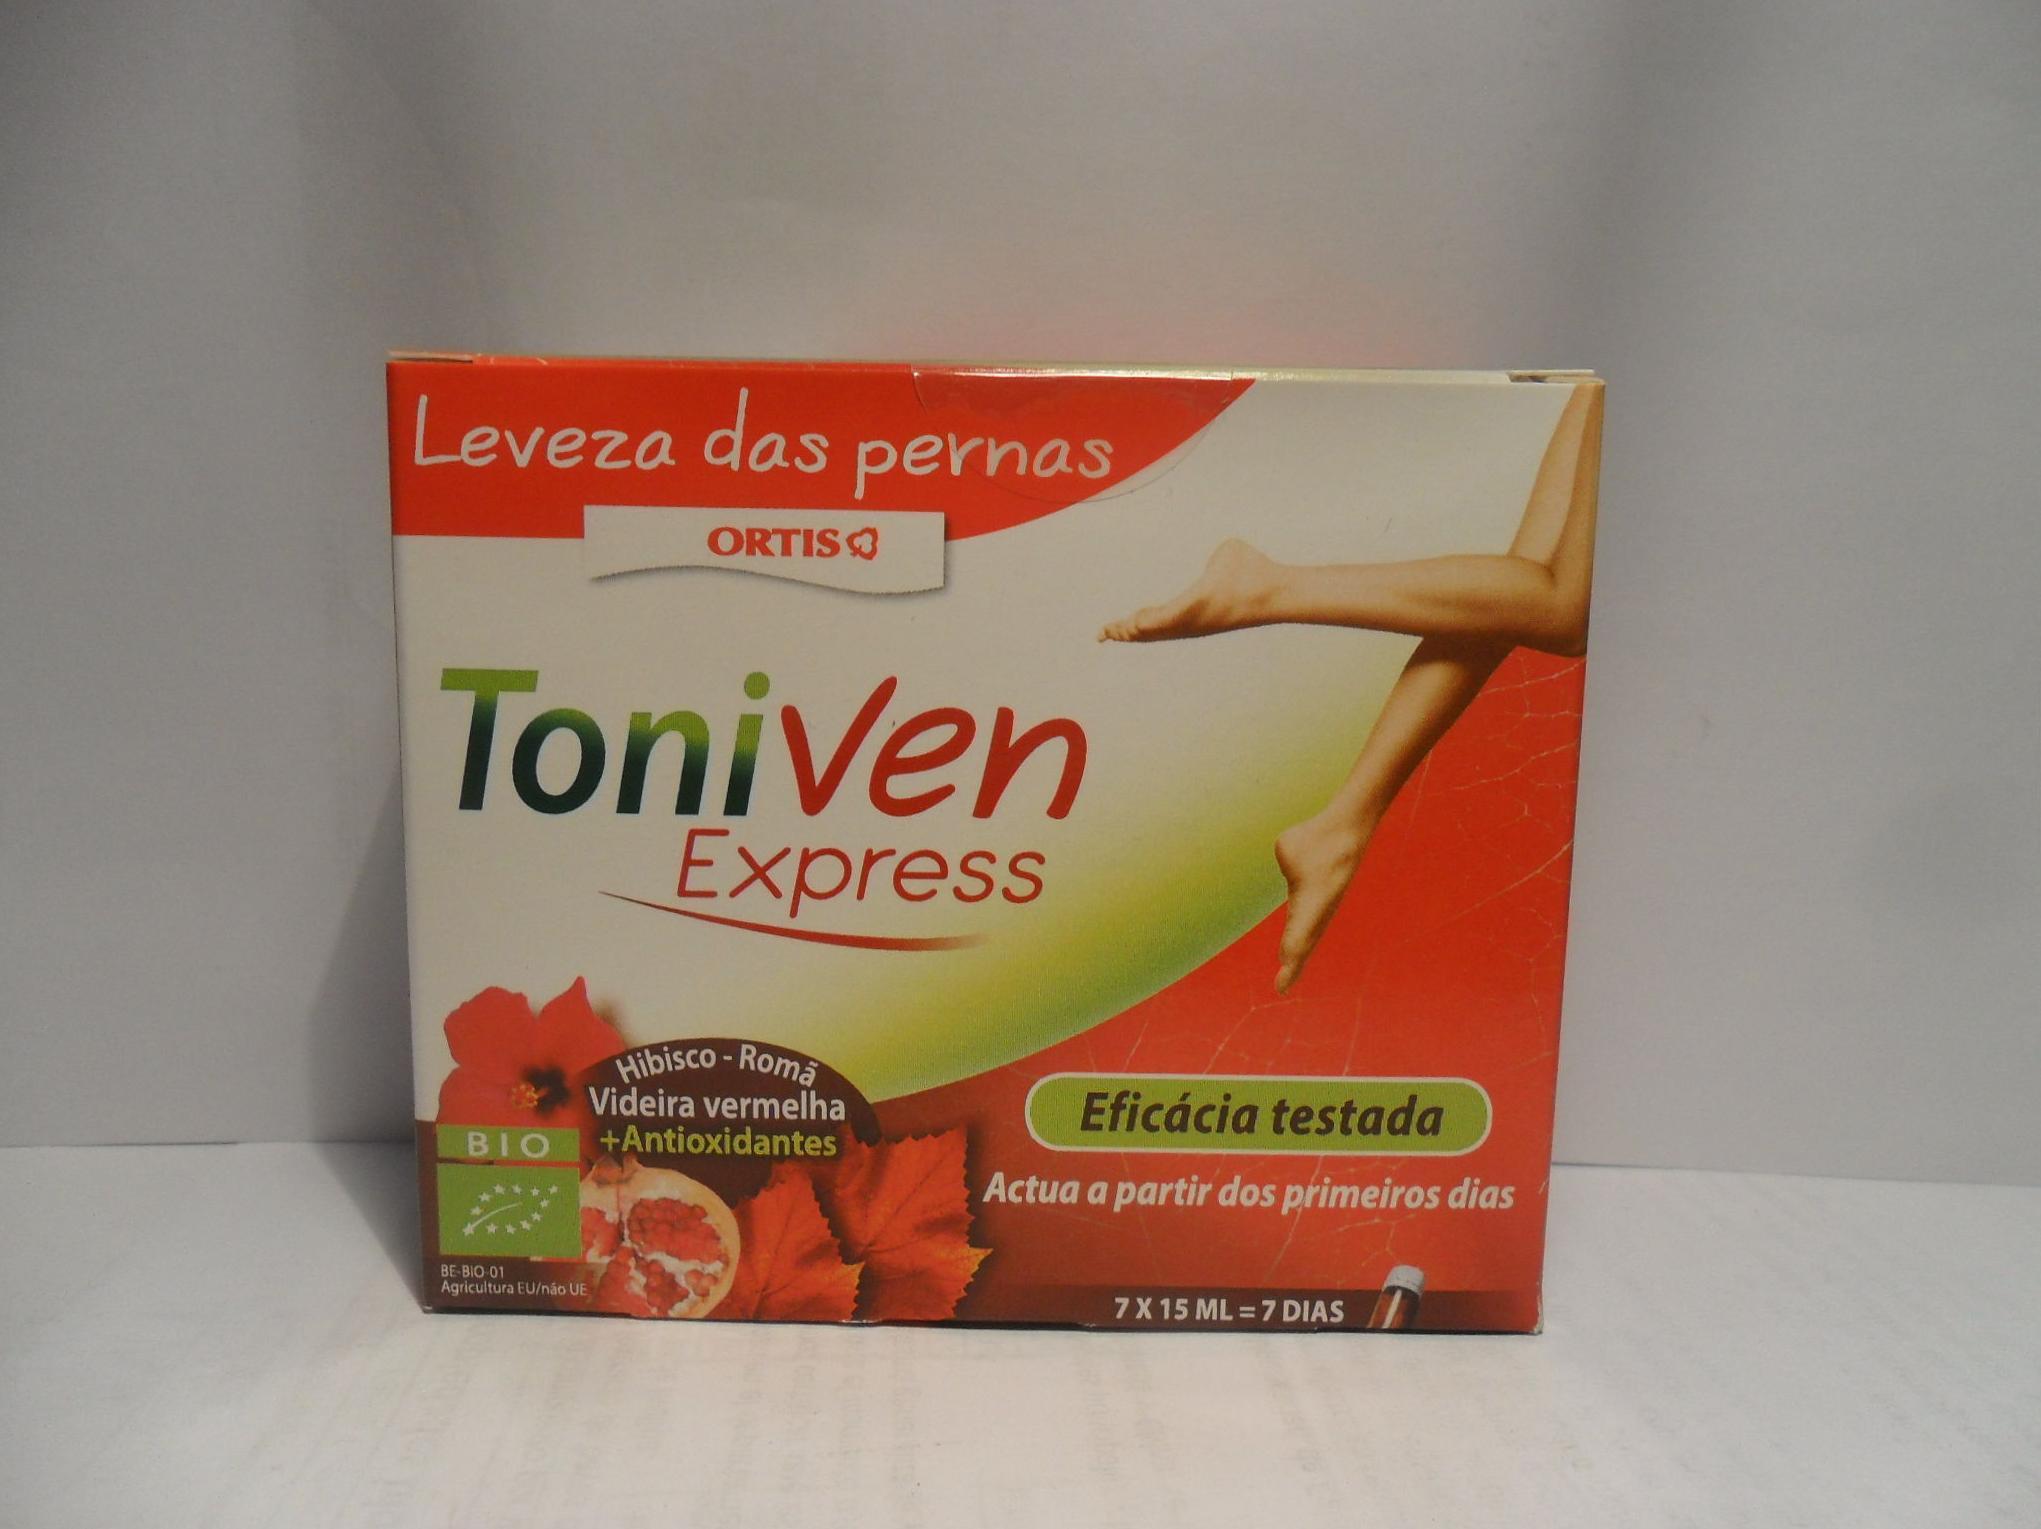 Toniven Express: Catálogo de productos de Herbolario El Monte